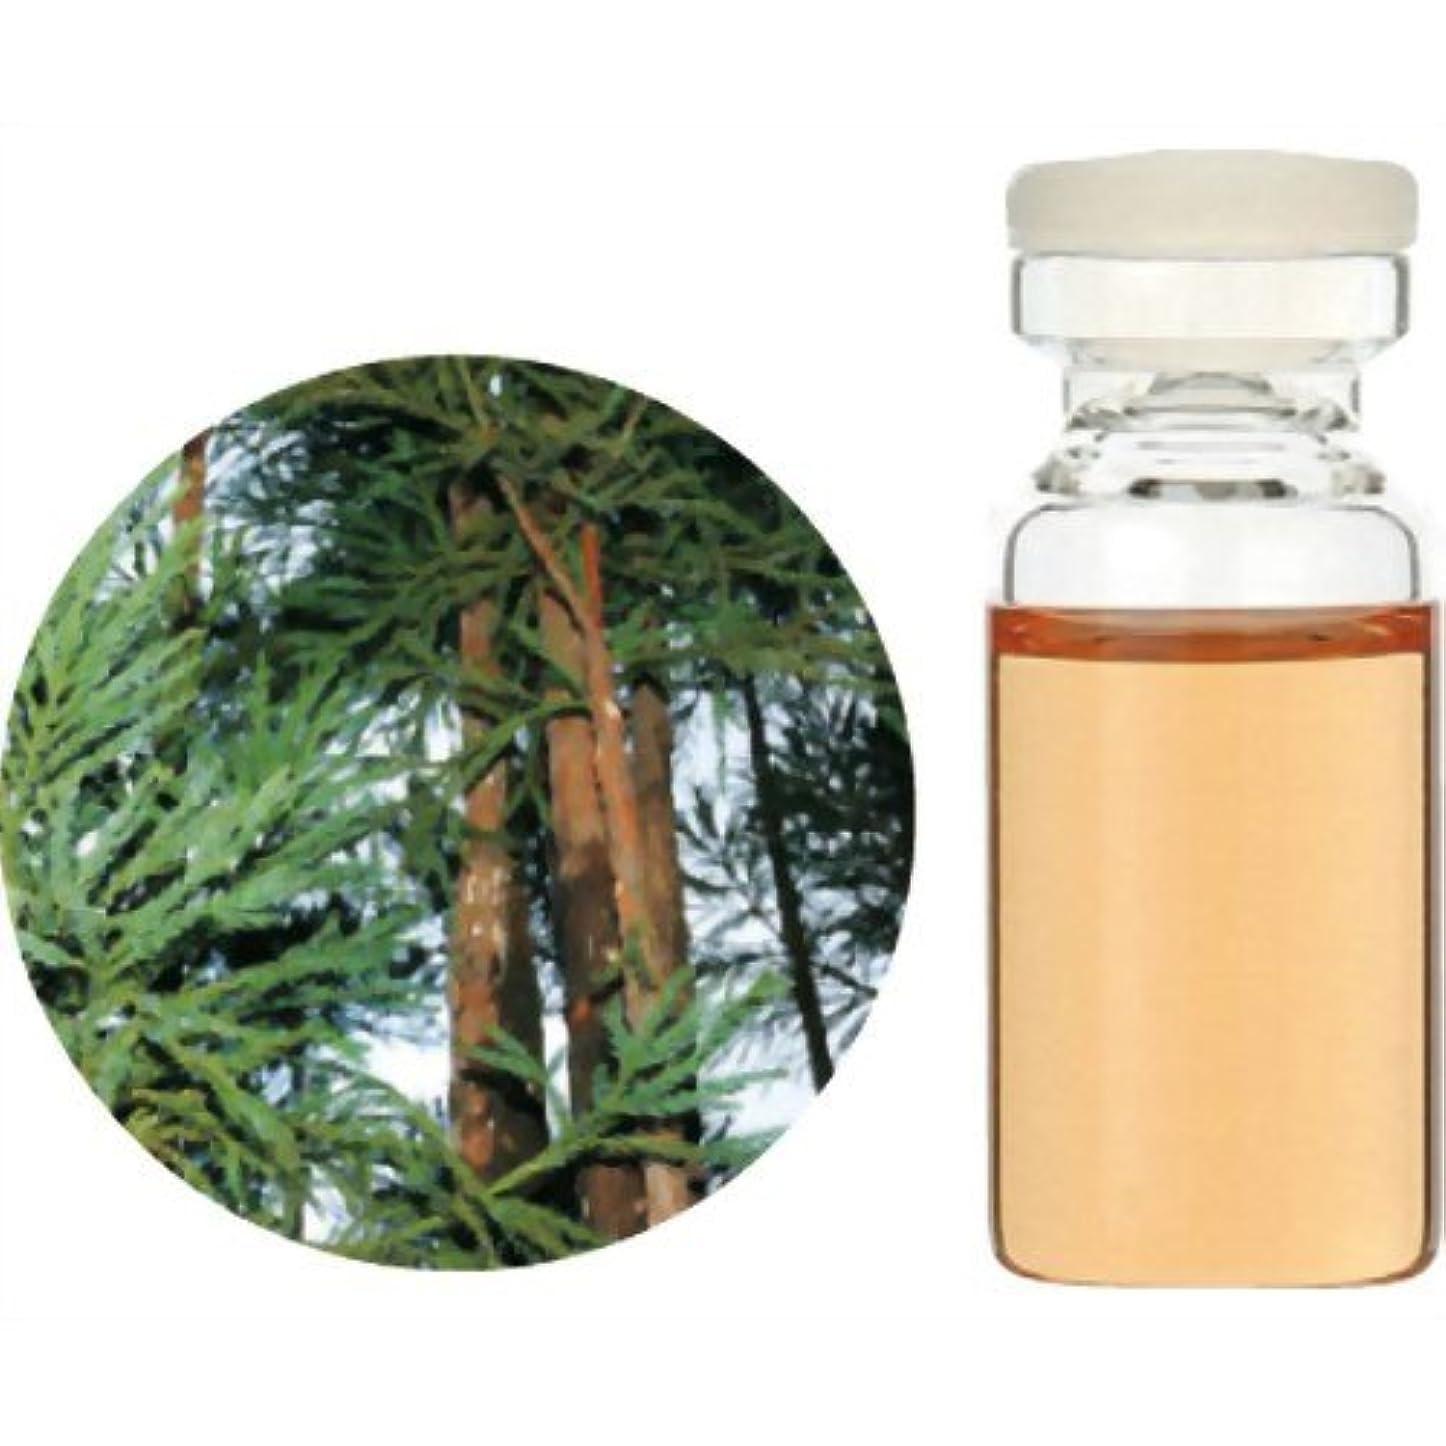 ホップけん引体操生活の木 Herbal Life 和精油 杉 木部 3ml